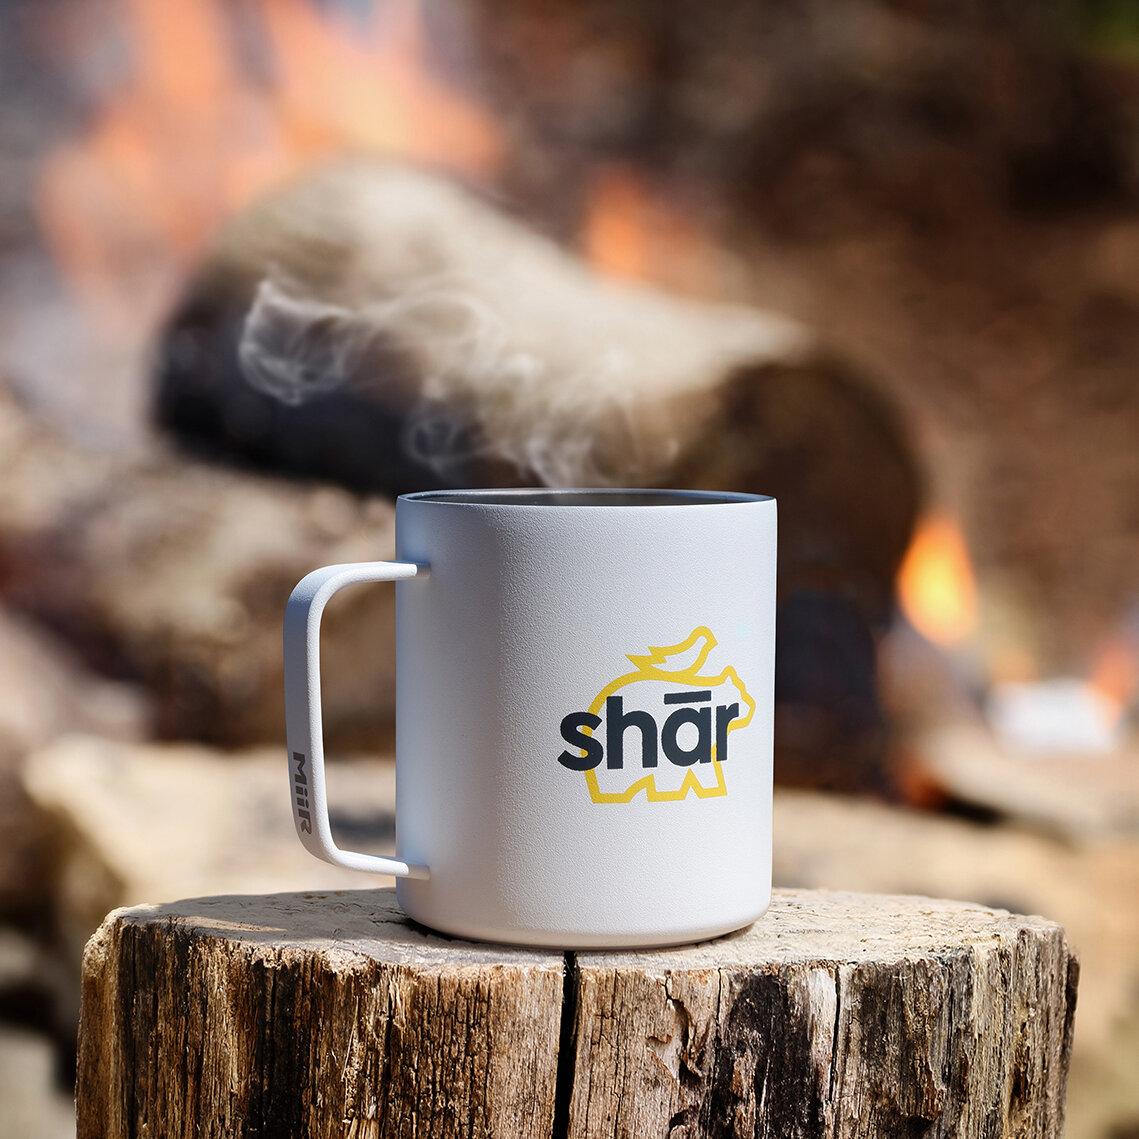 Shar mug 2.jpg